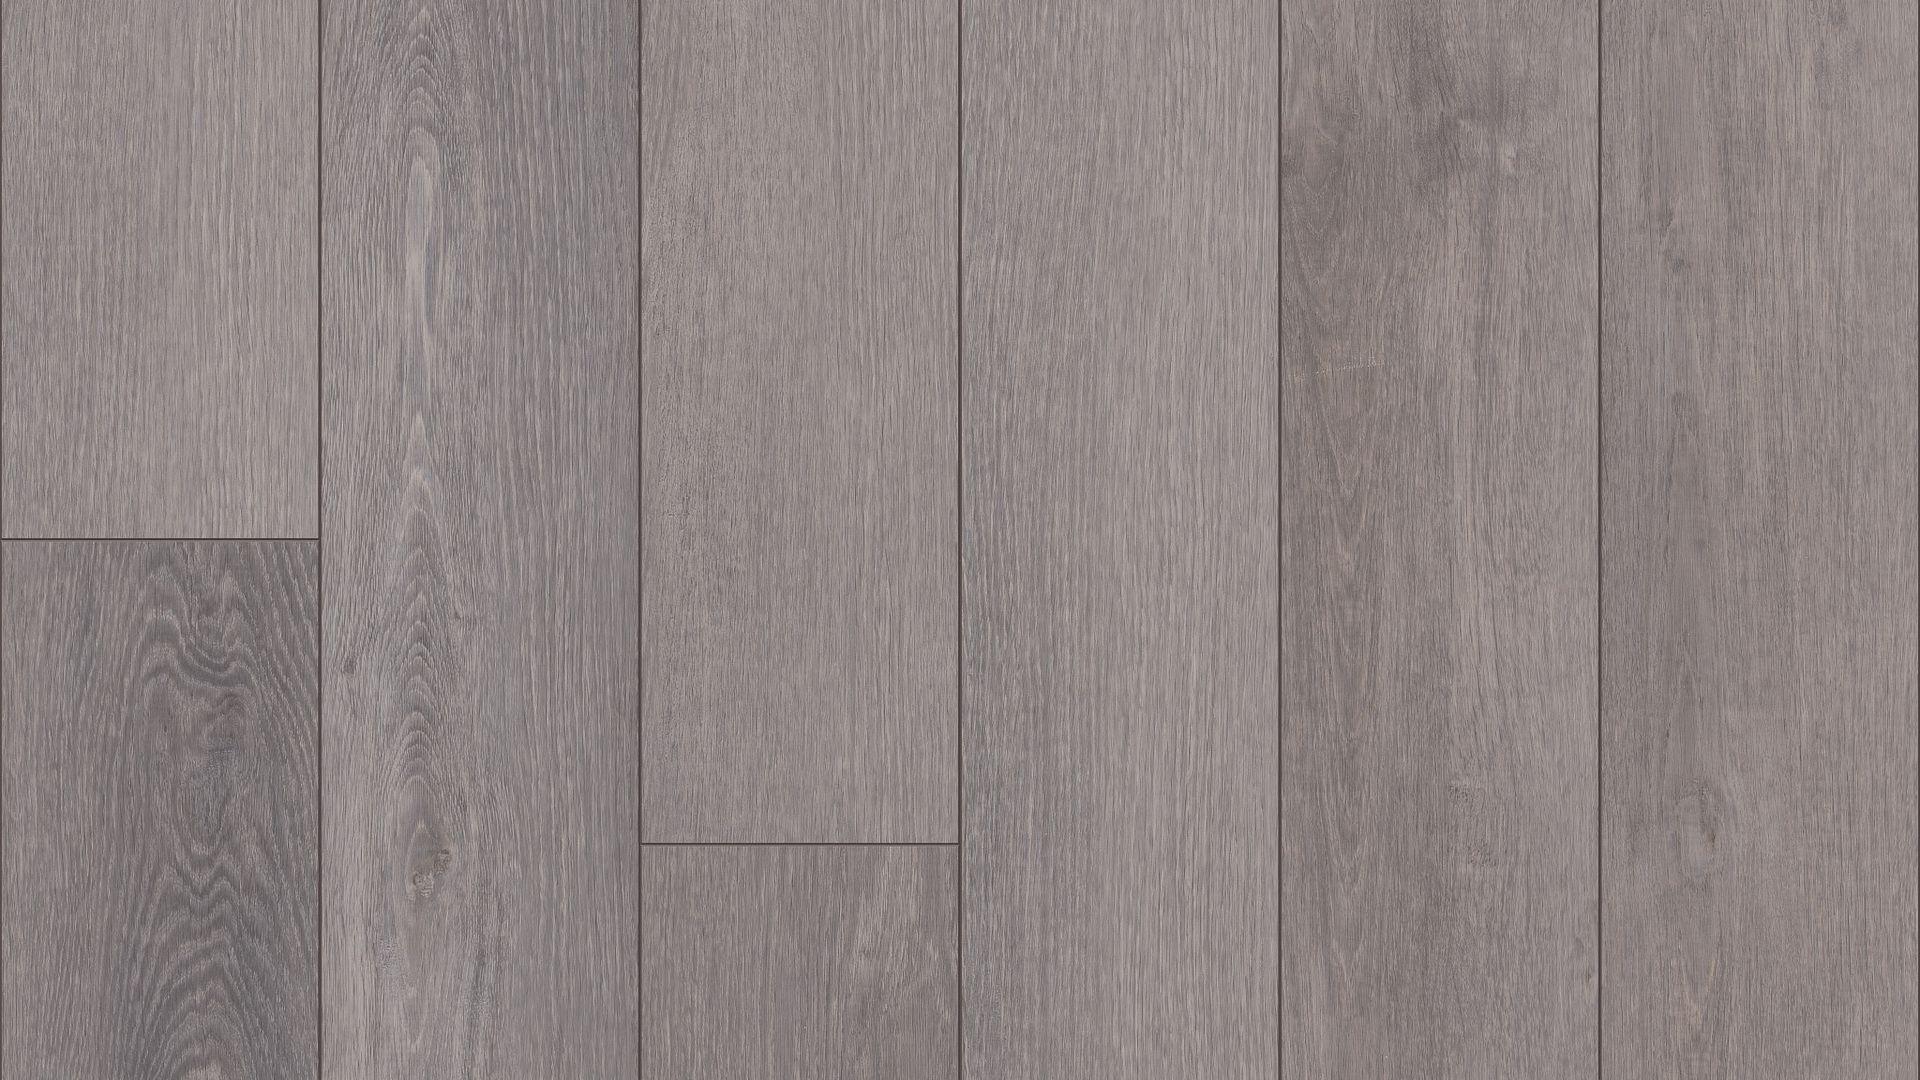 Luxe Oak EVP Vinyl Flooring Product Shot